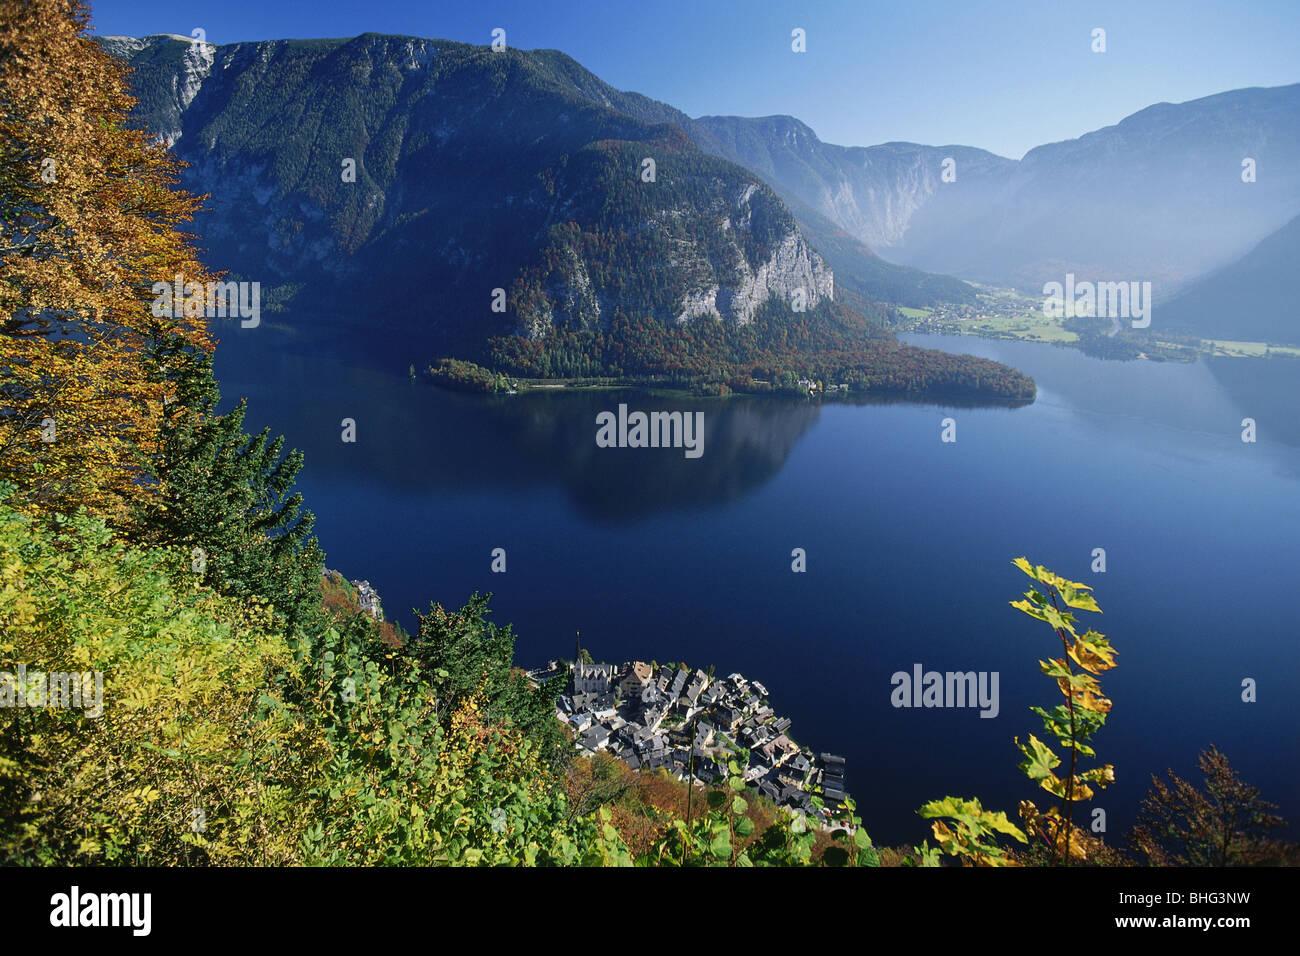 Geografía / viajes, Austria, Salzkammergut, paisajes, vistas de la Hallstaedter Ver (lago) con Obertraun y Imagen De Stock